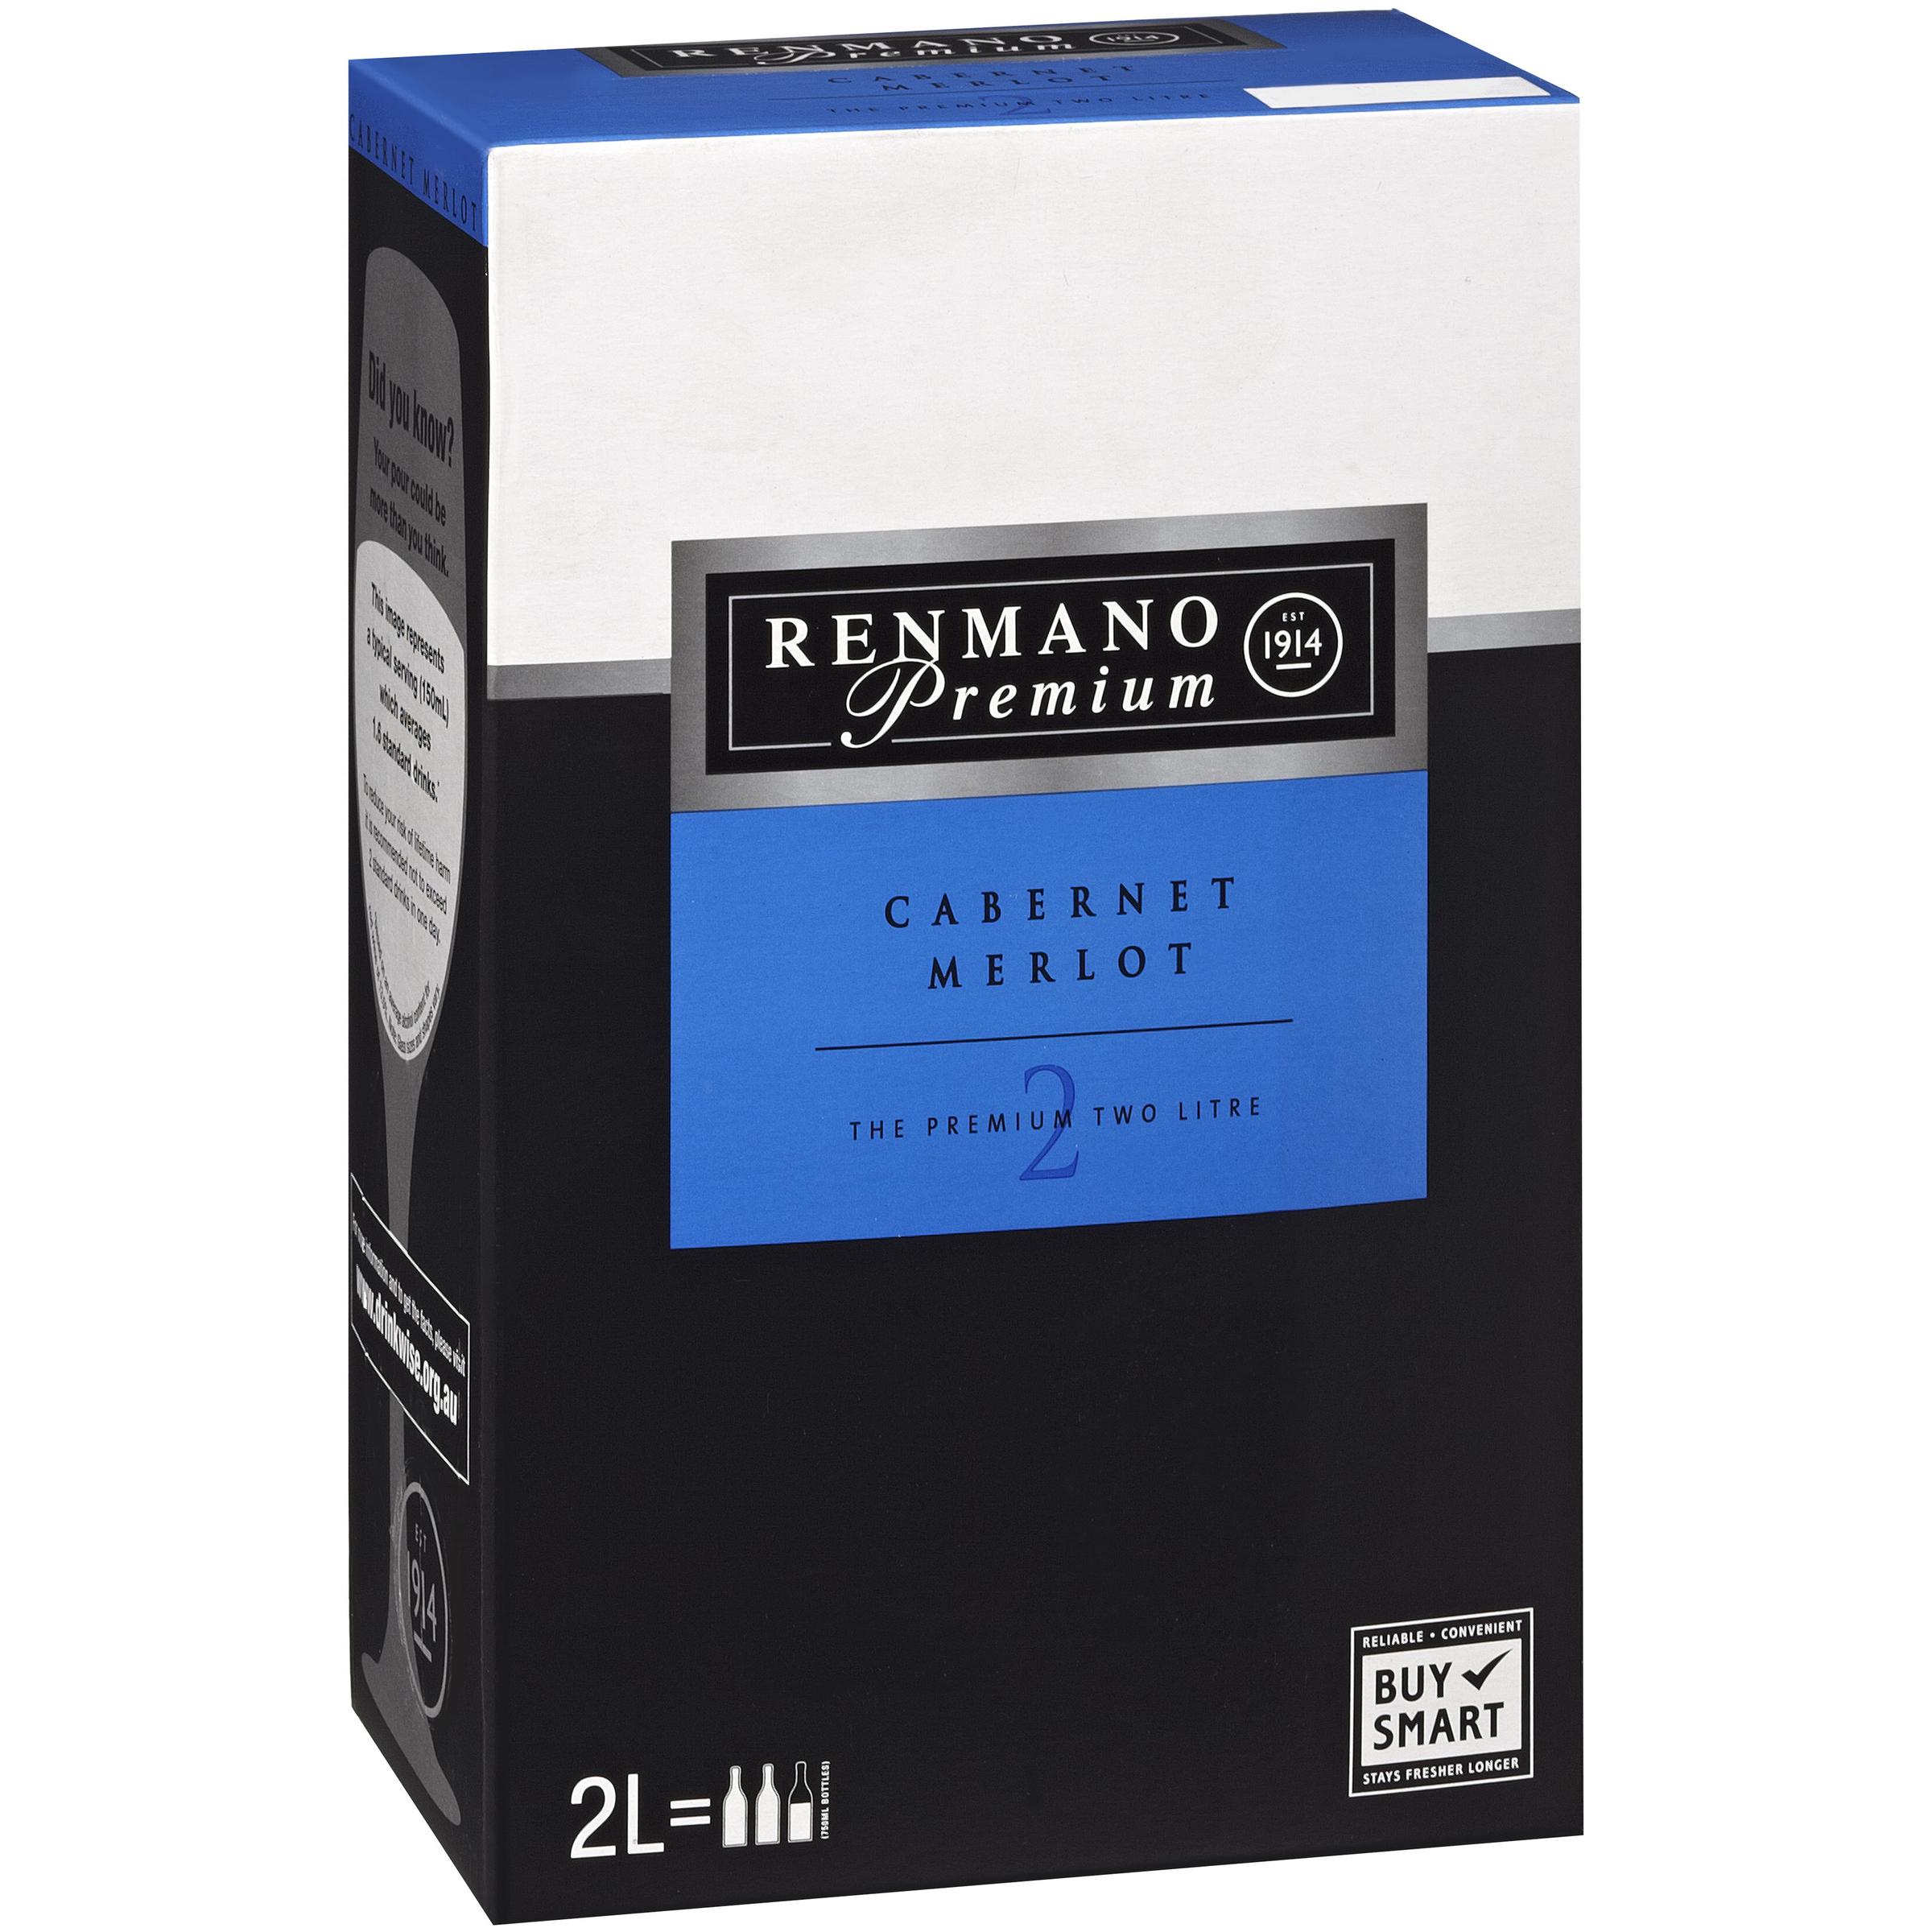 RENMANO PREMIUM CABERNET MERLOT